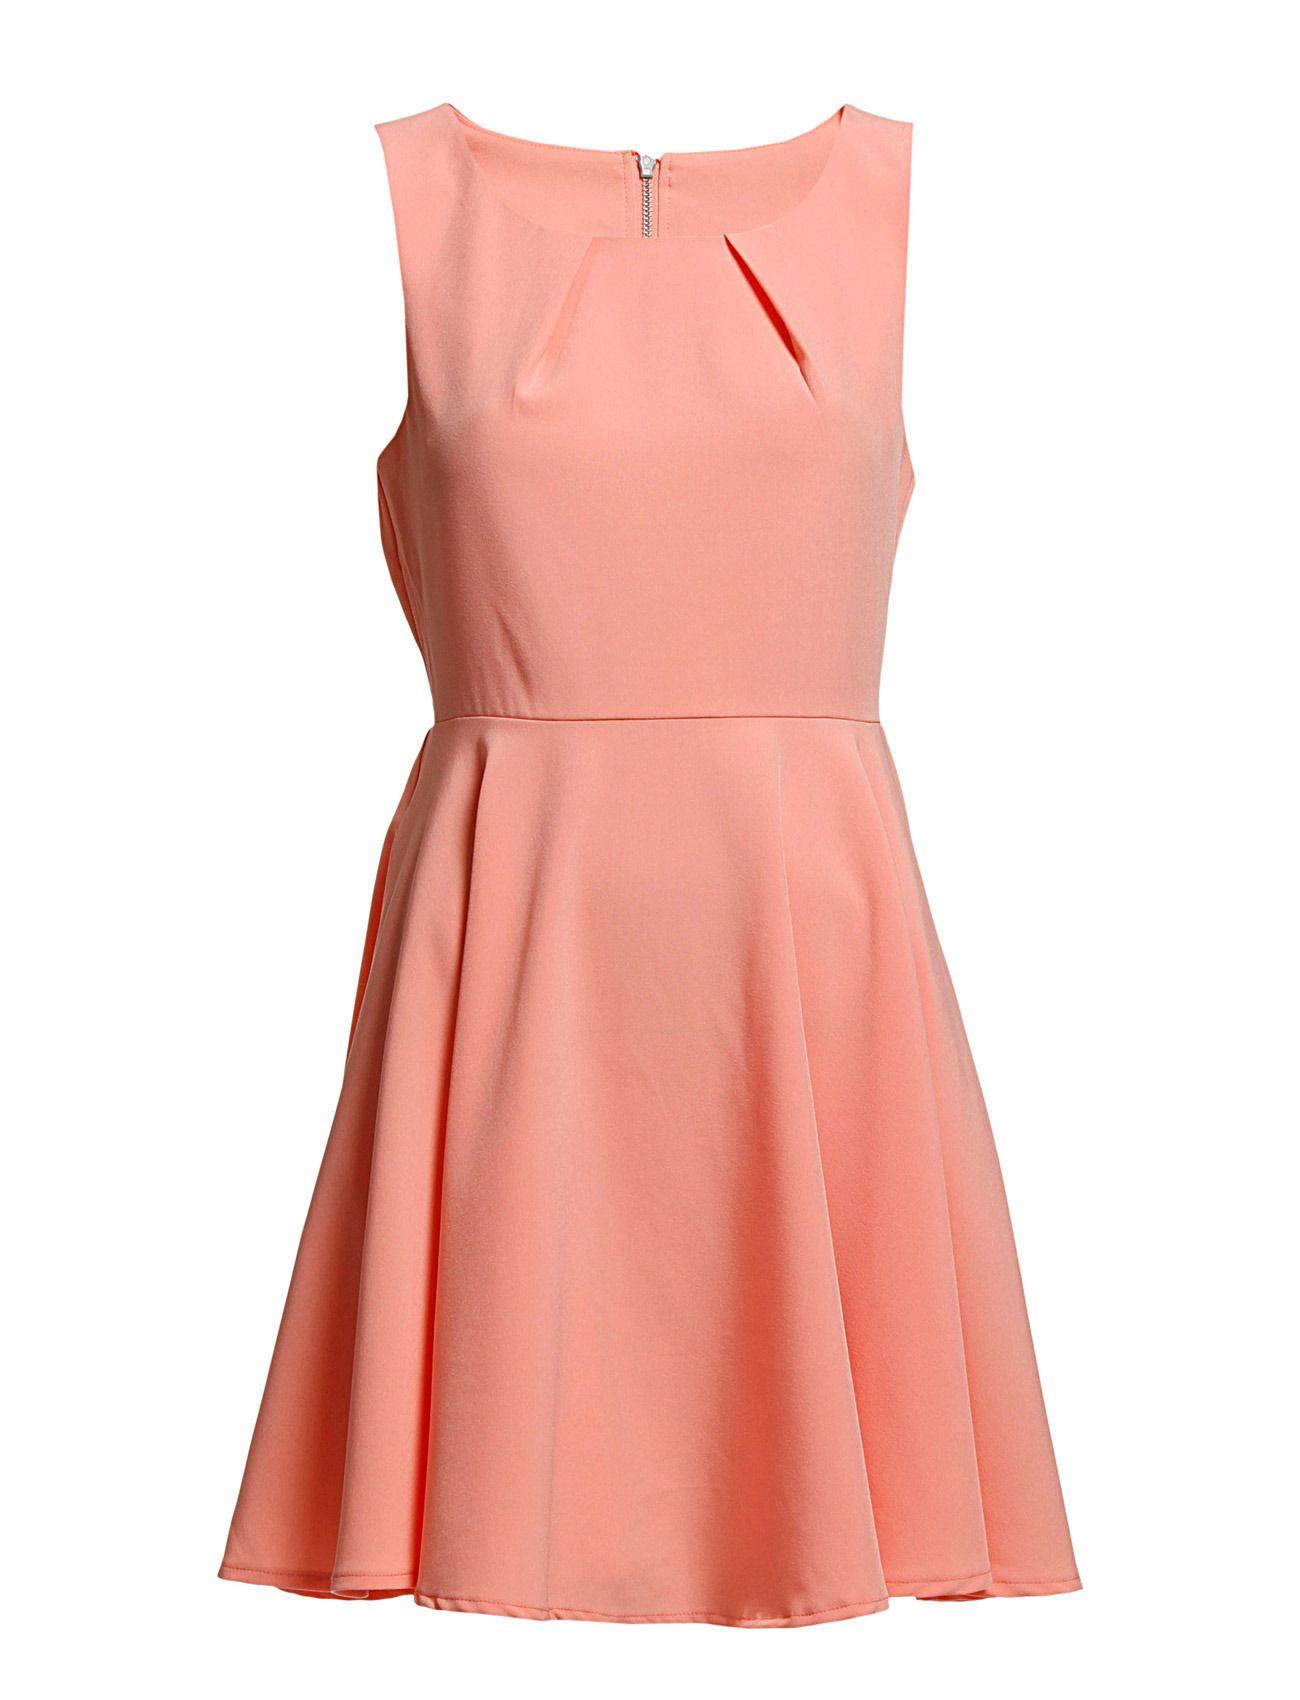 dress from Vila